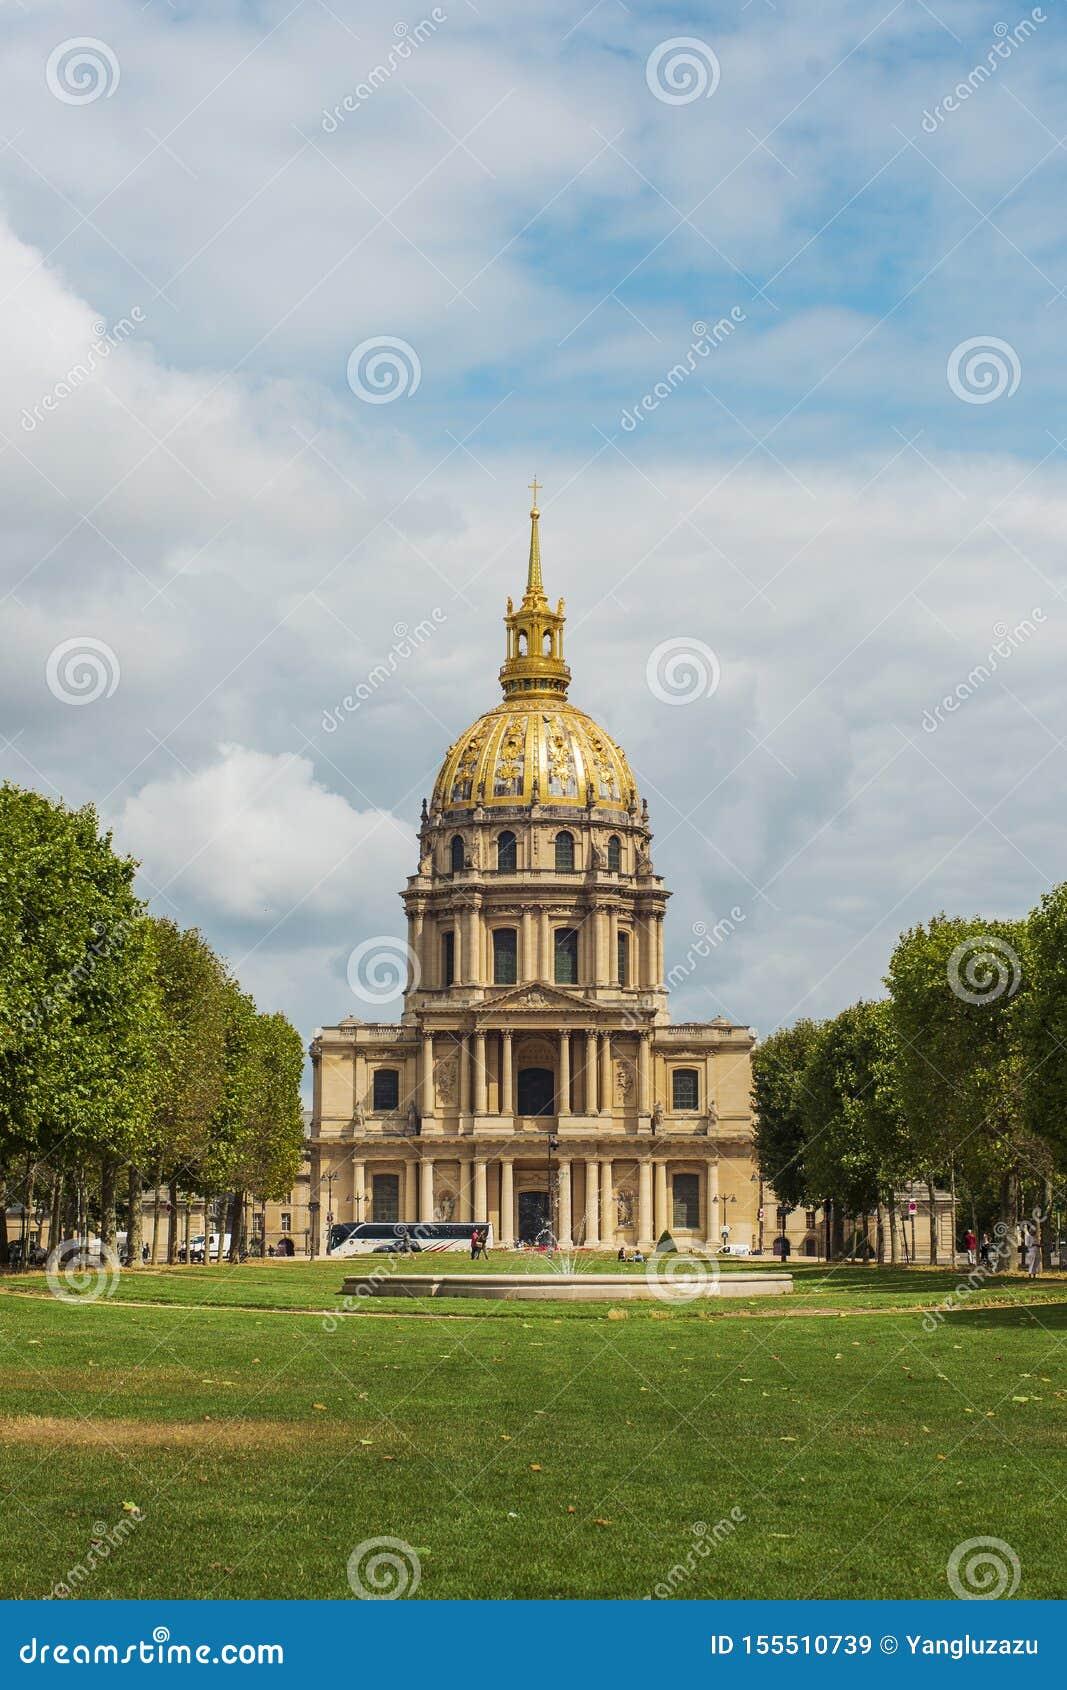 Ogiltigt hotell, berömda byggnader i Paris